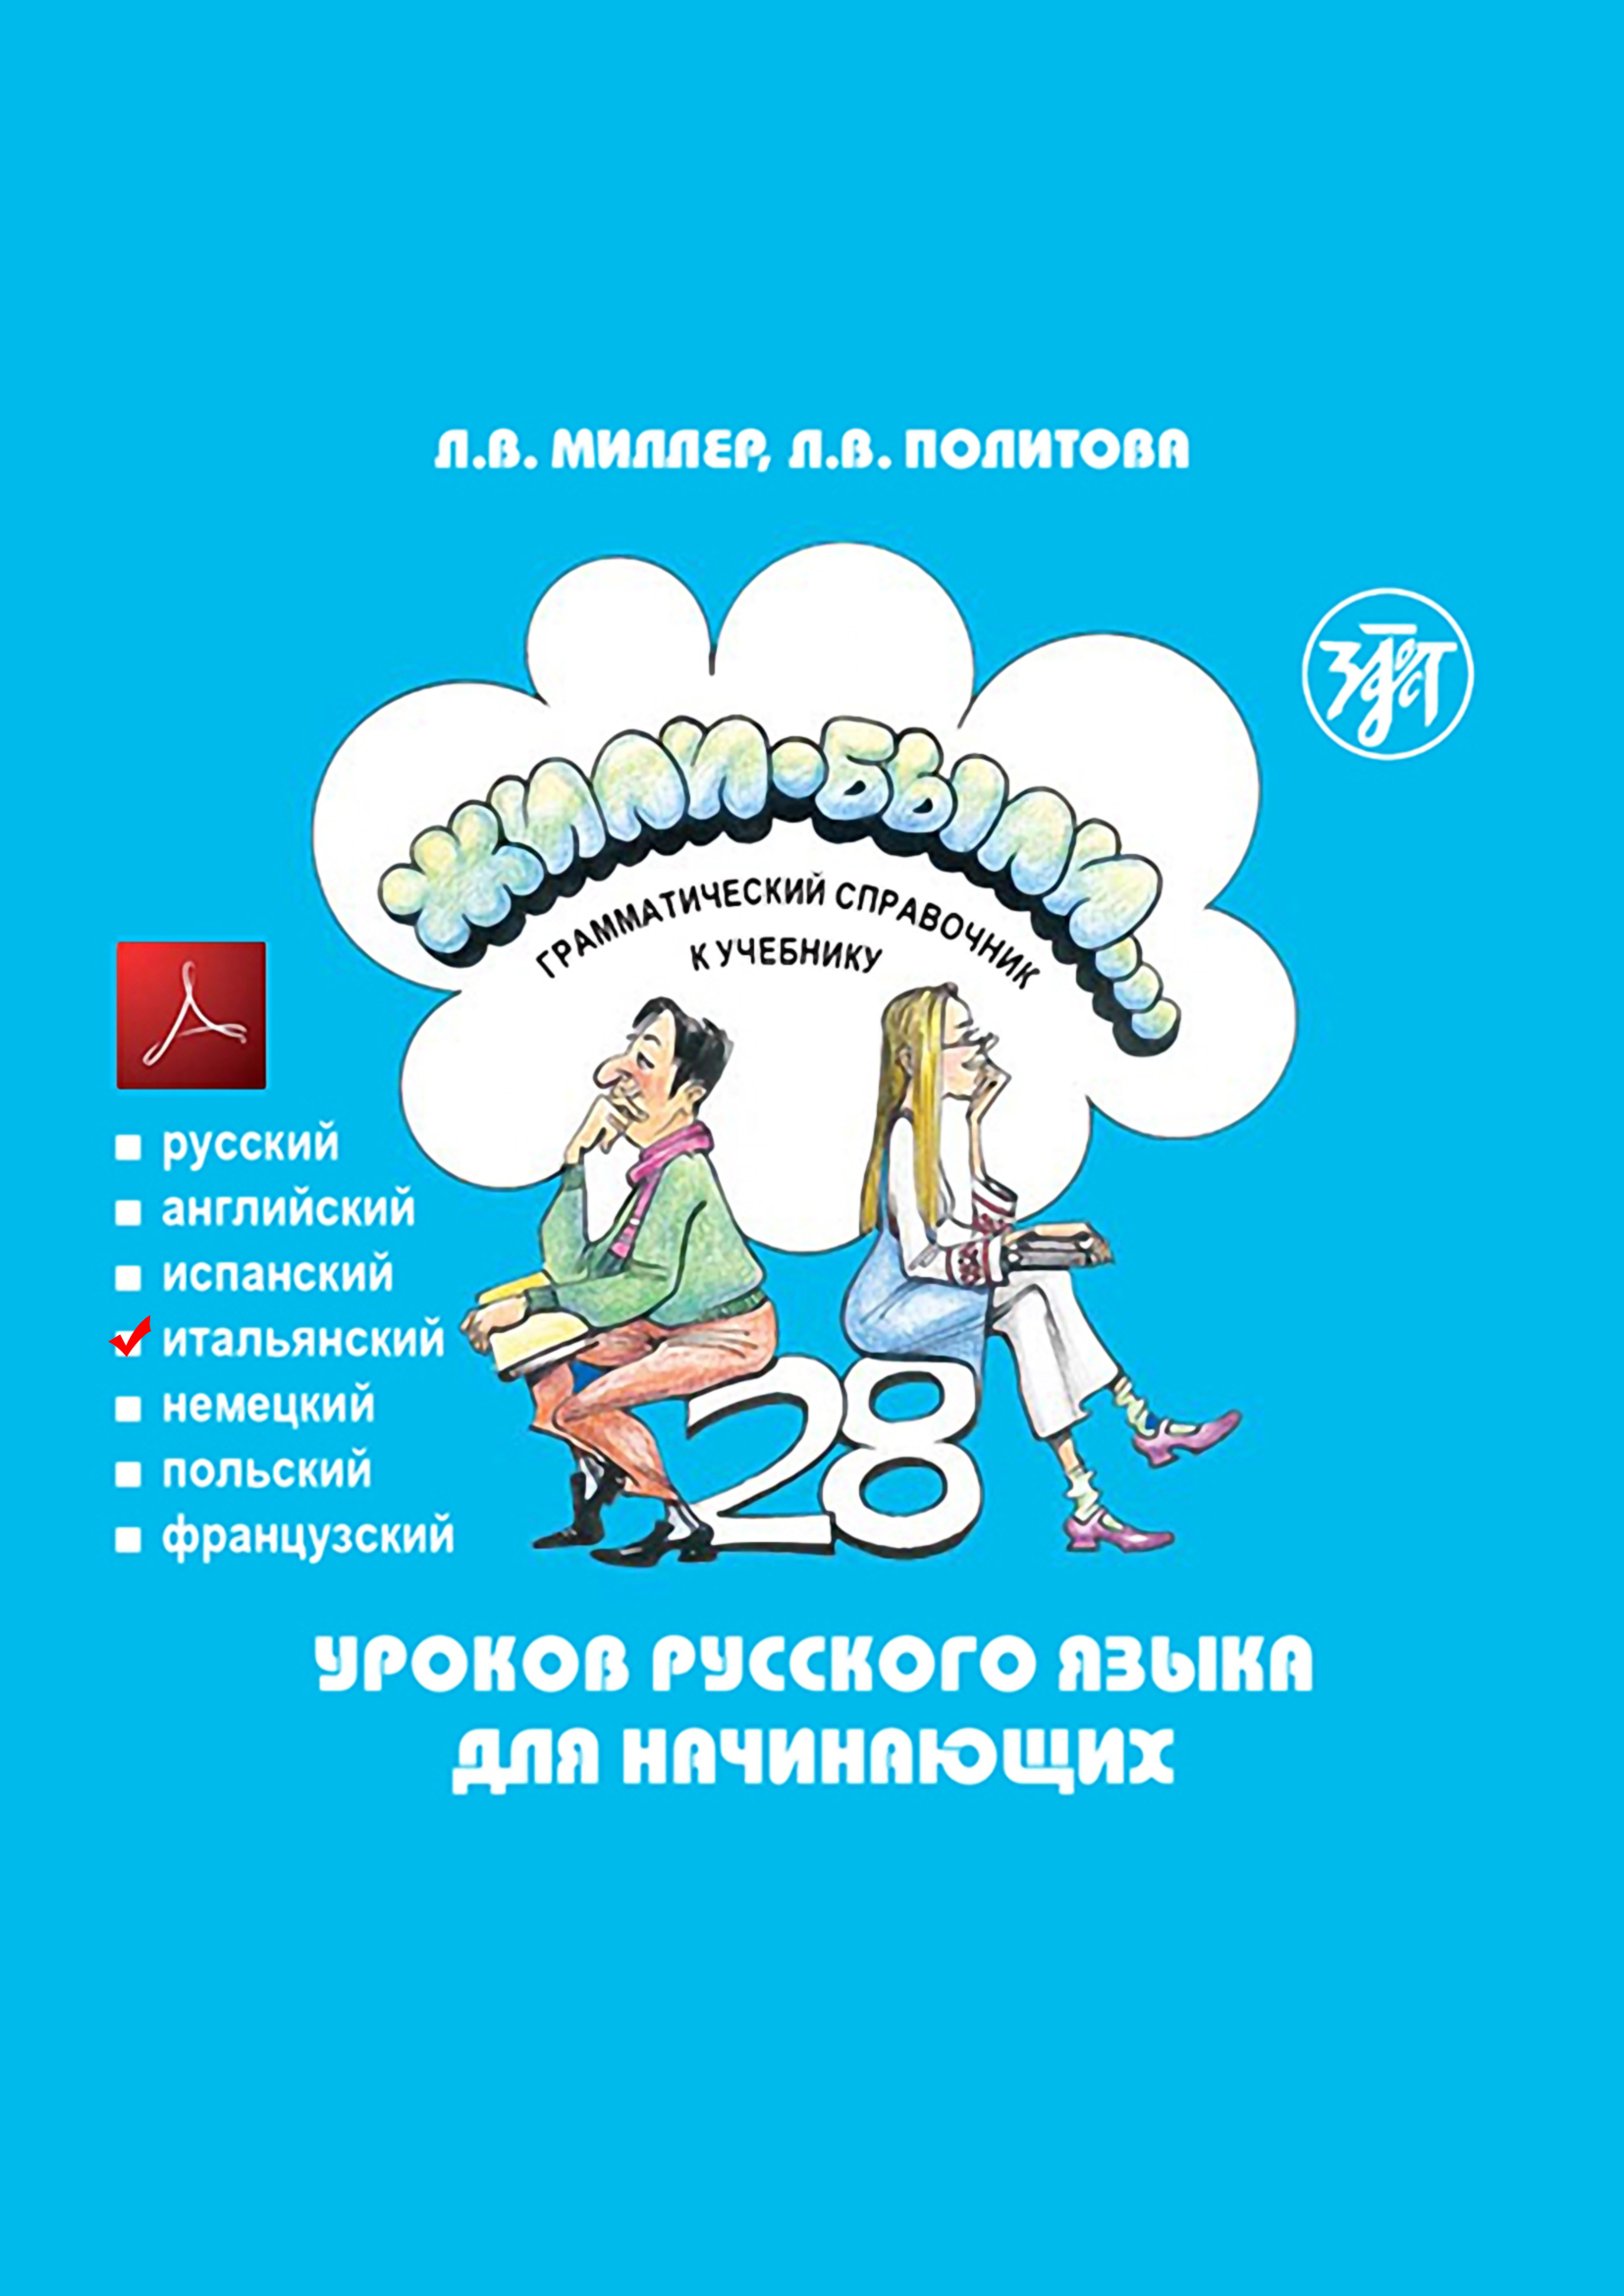 Л. В. Политова Жили-были… 28 уроков русского языка для начинающих. Грамматический справочник к учебнику. Итальянская версия цены онлайн